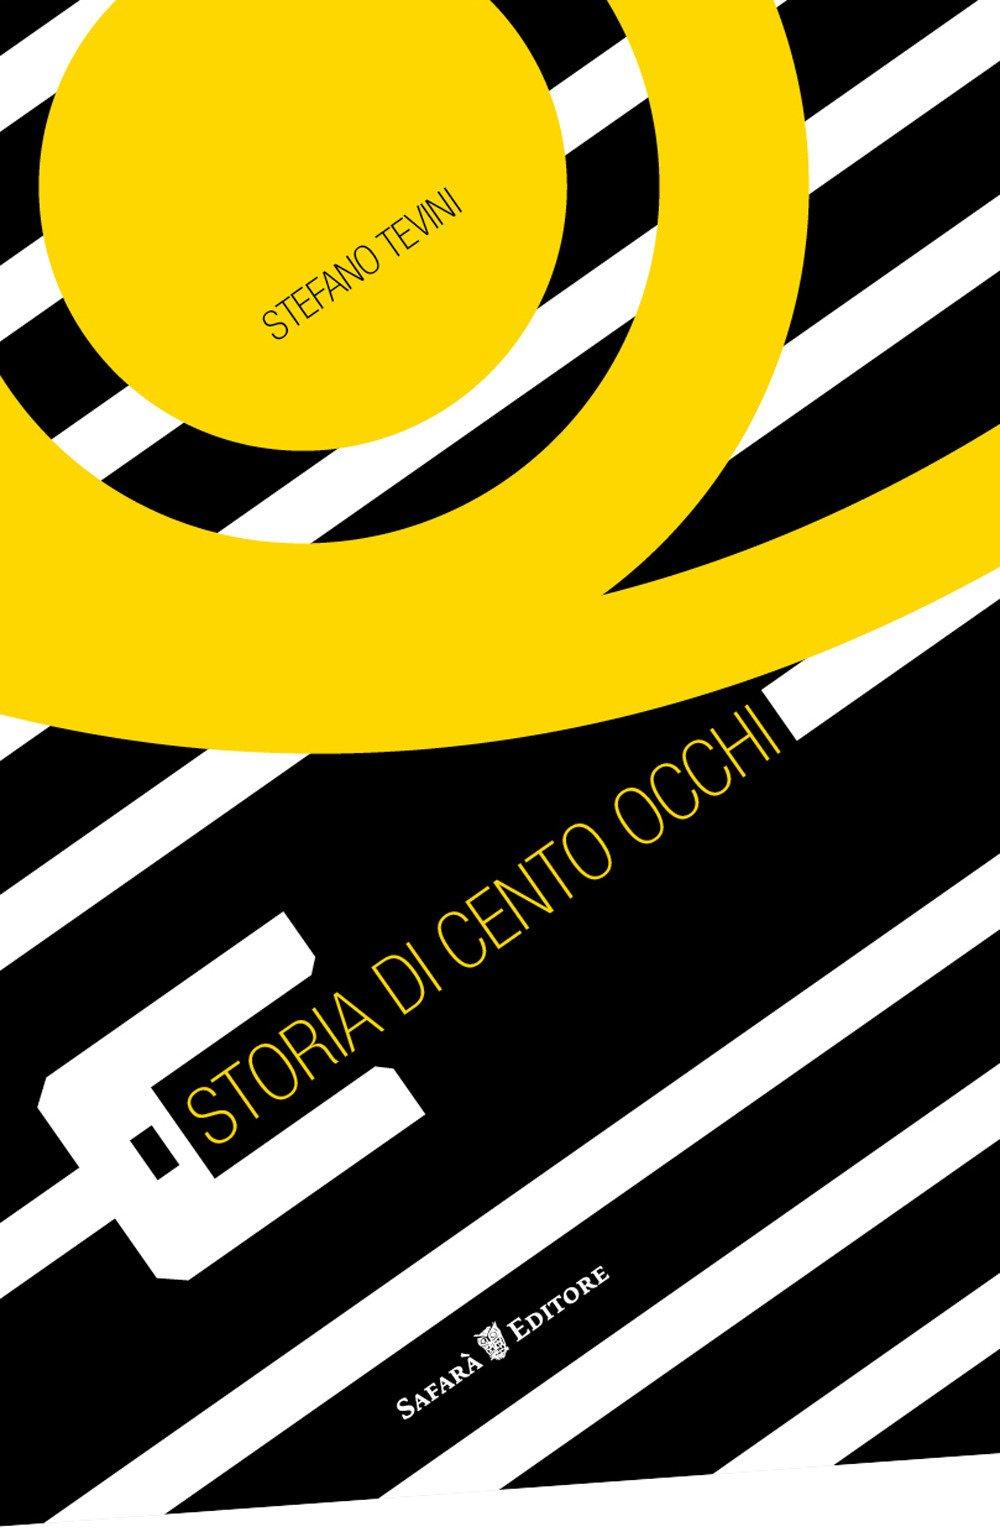 Stefano-Tevini-Storia-di-cento-occhi